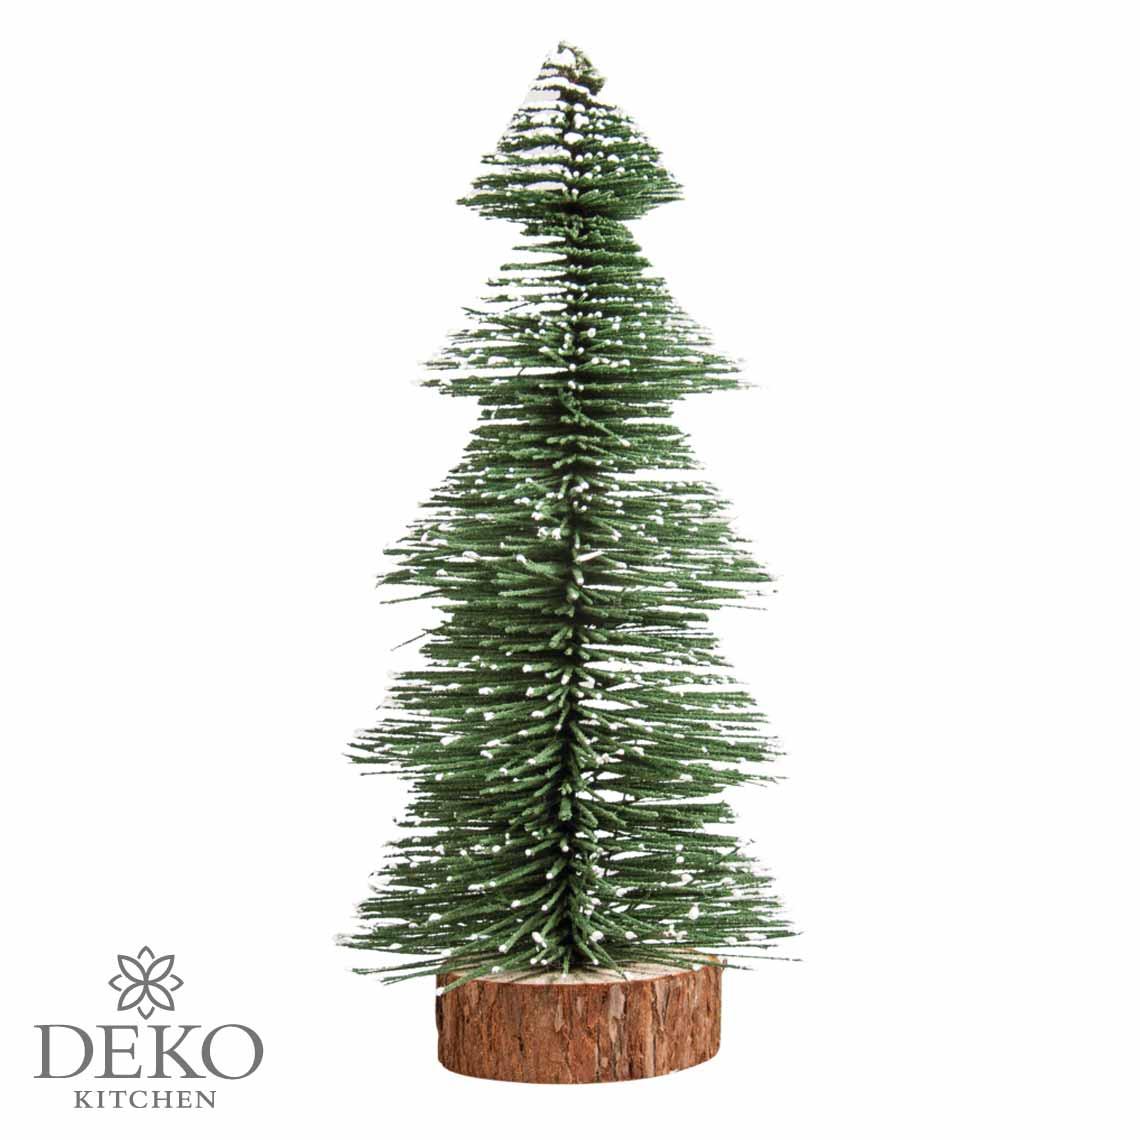 Tannenbaum Der Schneit.Deko Tannenbaum Beschneit 25cm